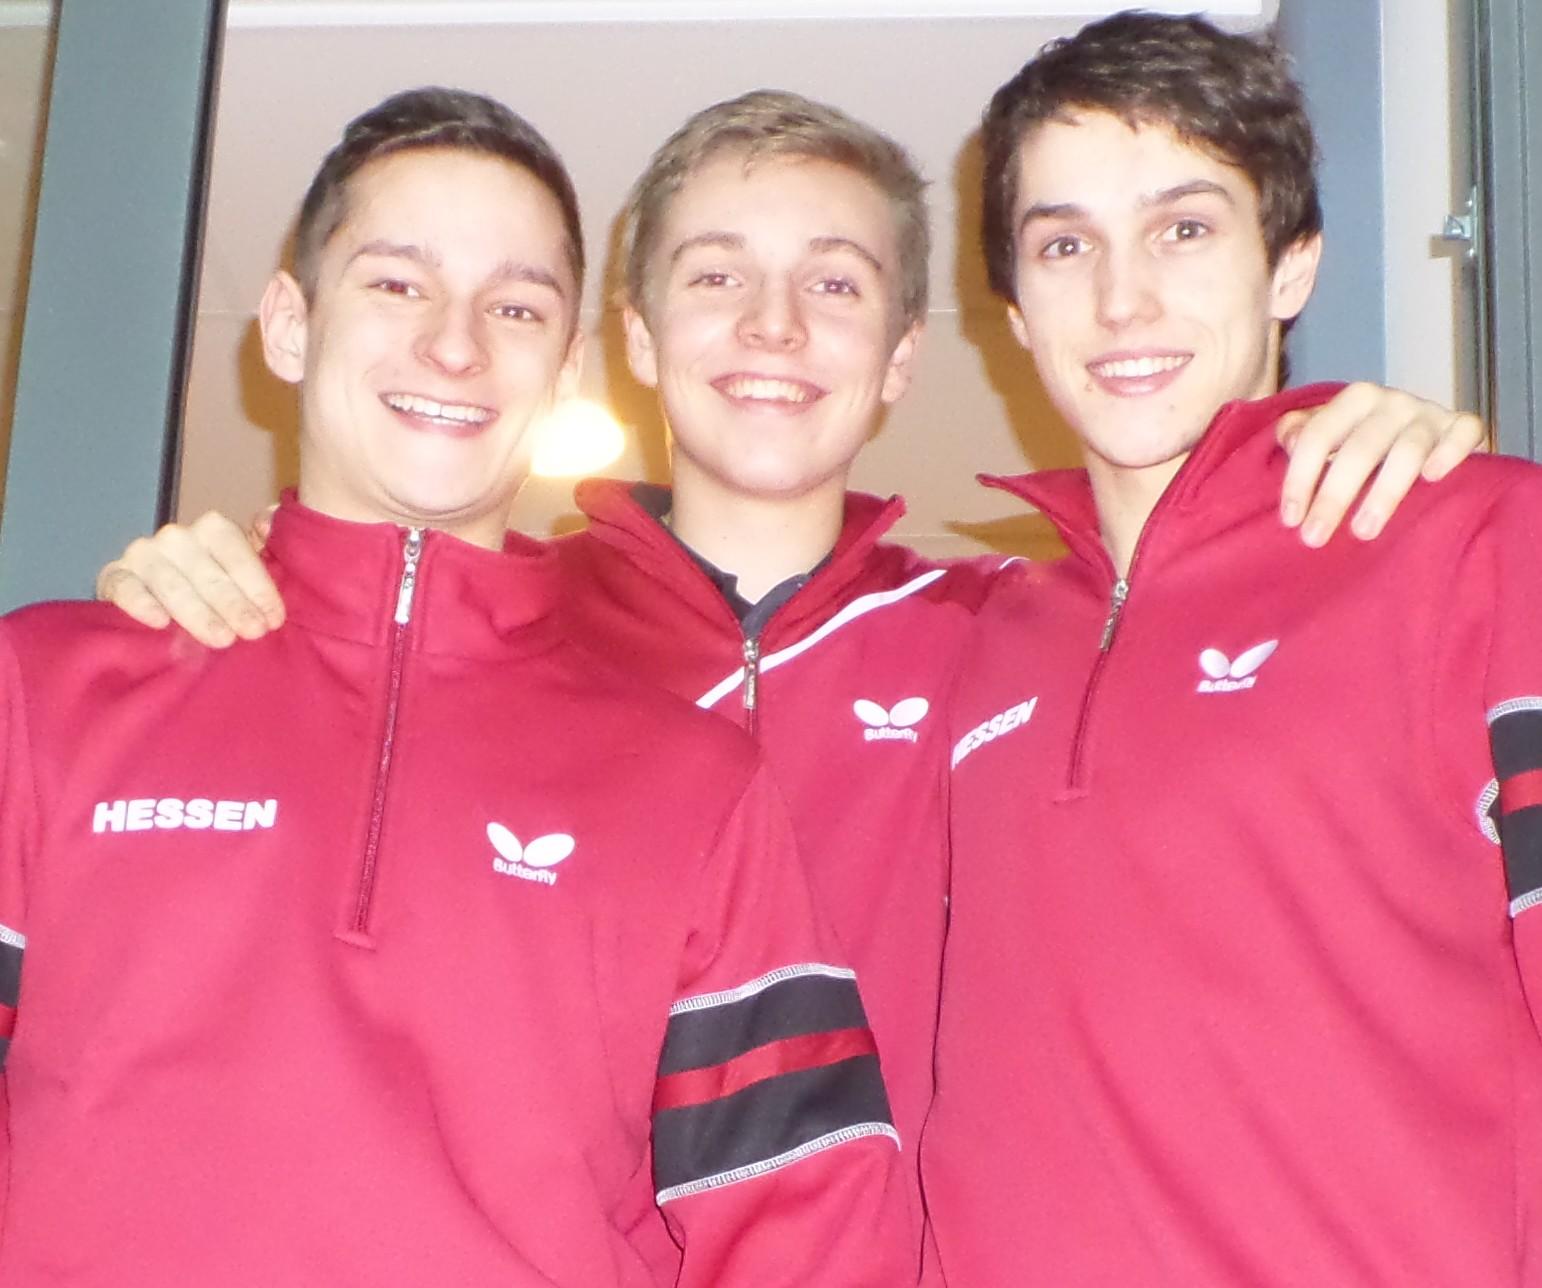 images/Die drei Jungs bei der NDM in Wetzlar.jpg